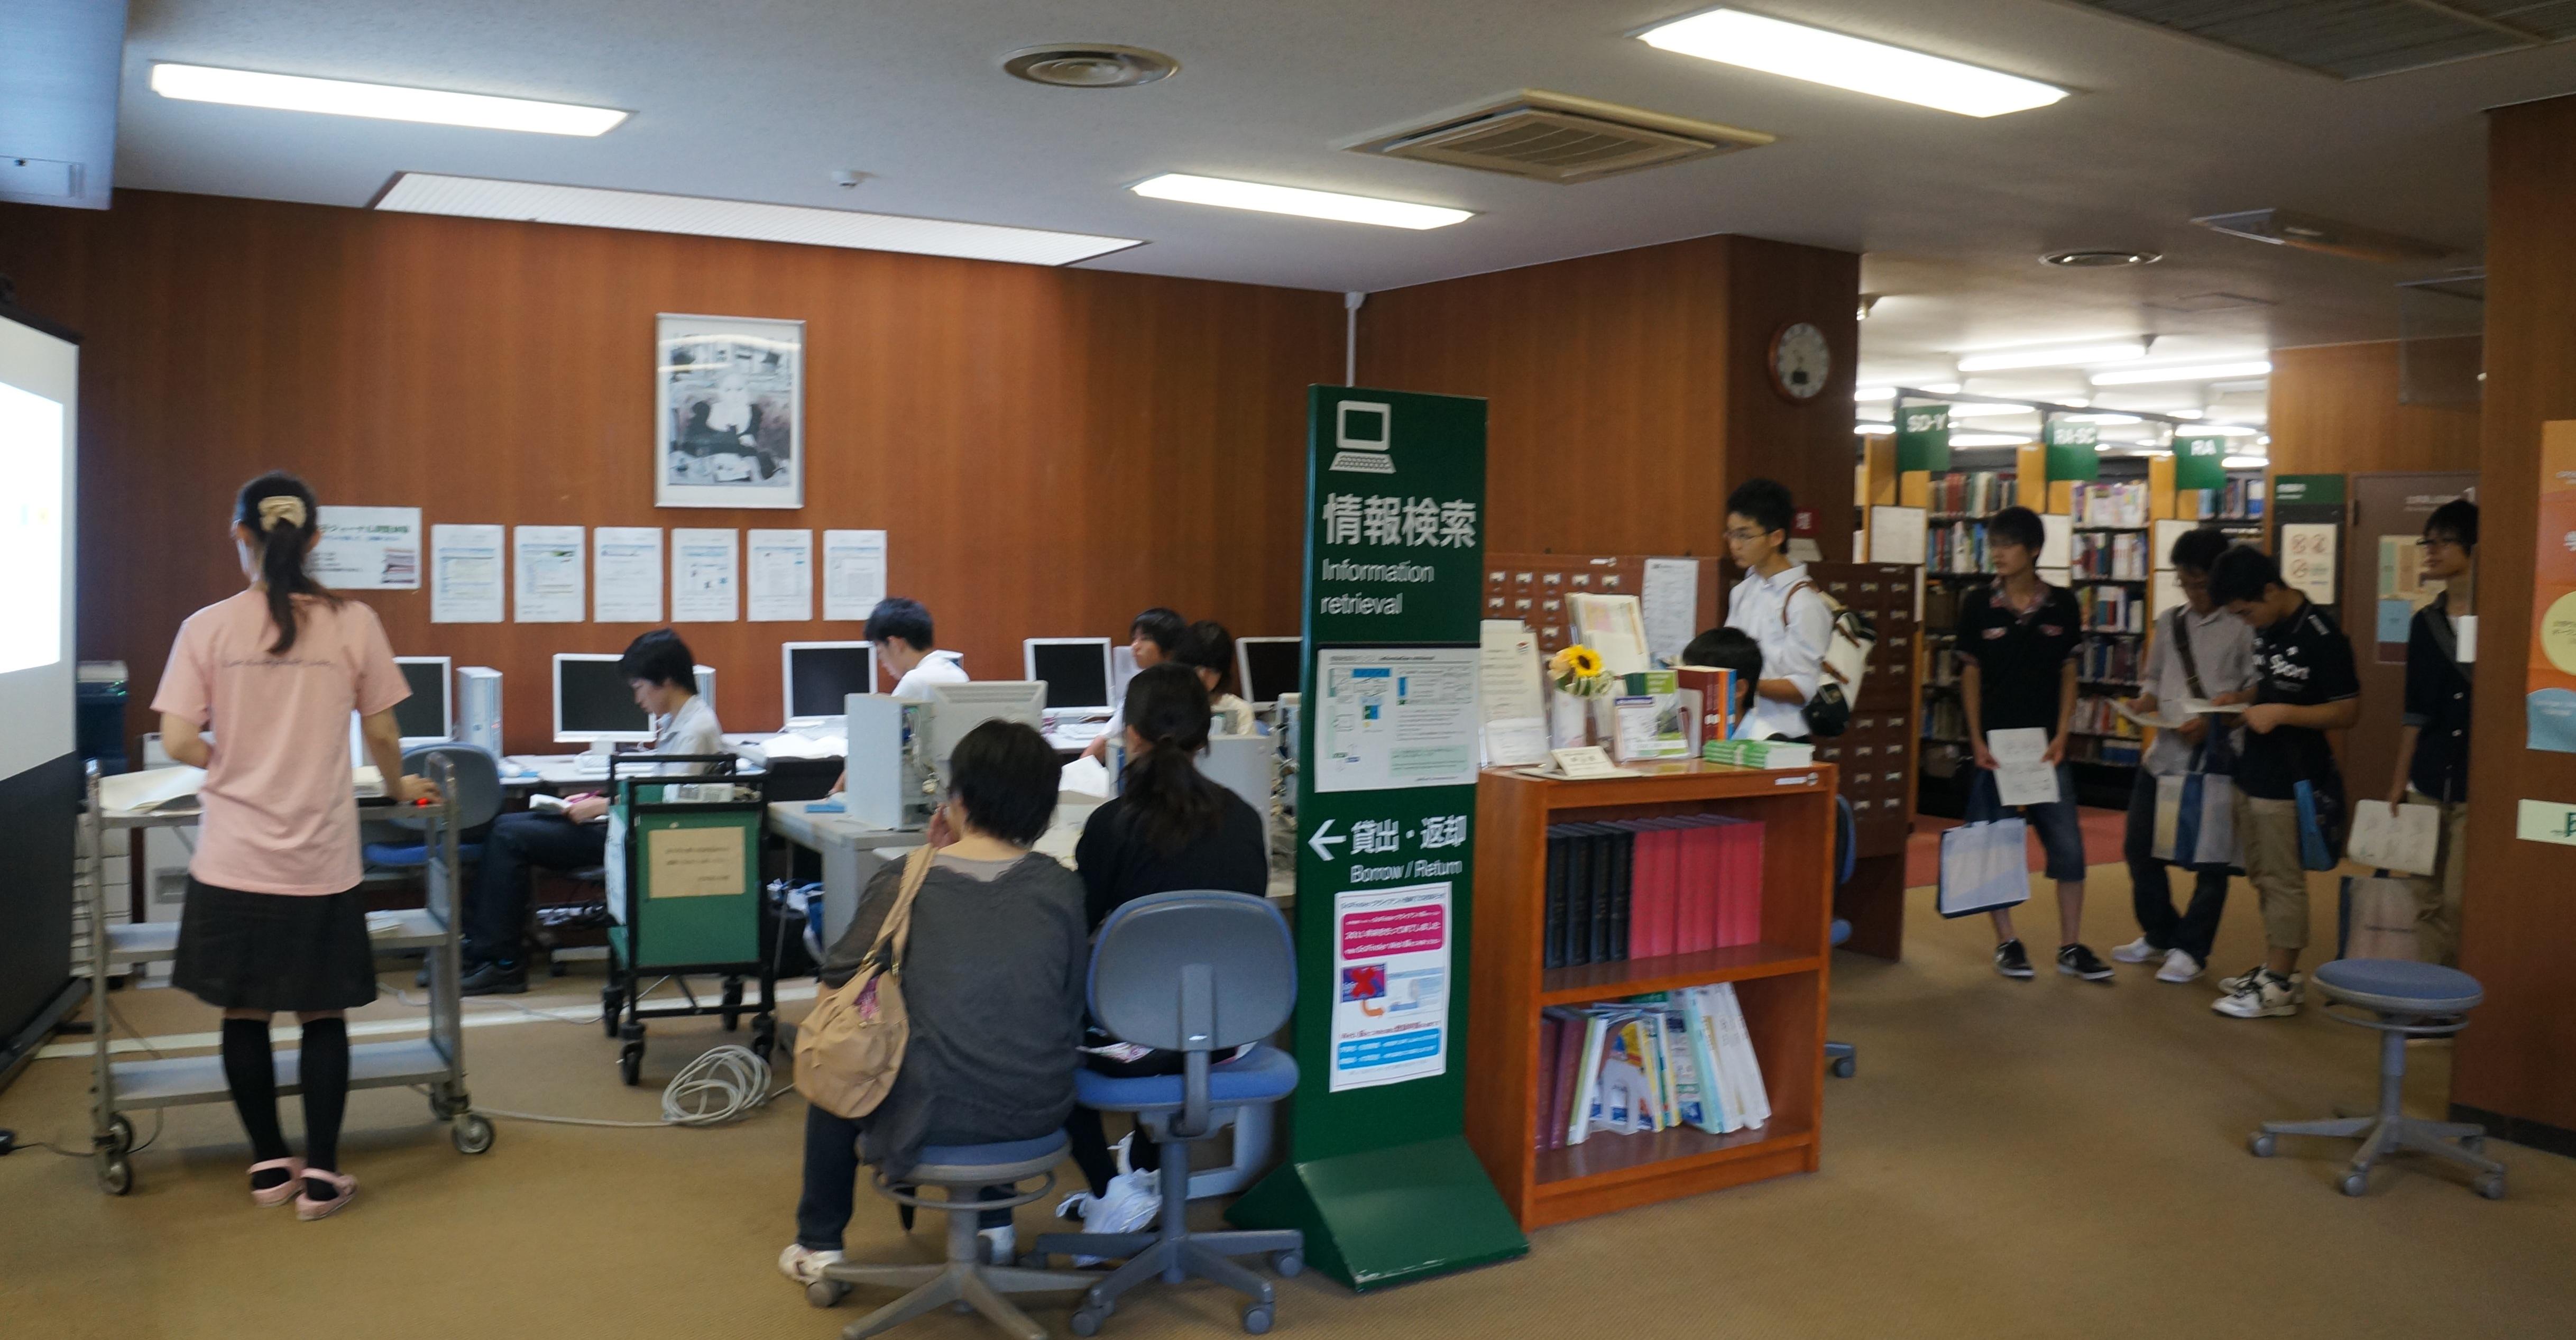 http://www.ige.tohoku.ac.jp/mirai/news/upload_items/201207/DSC01450s.JPG